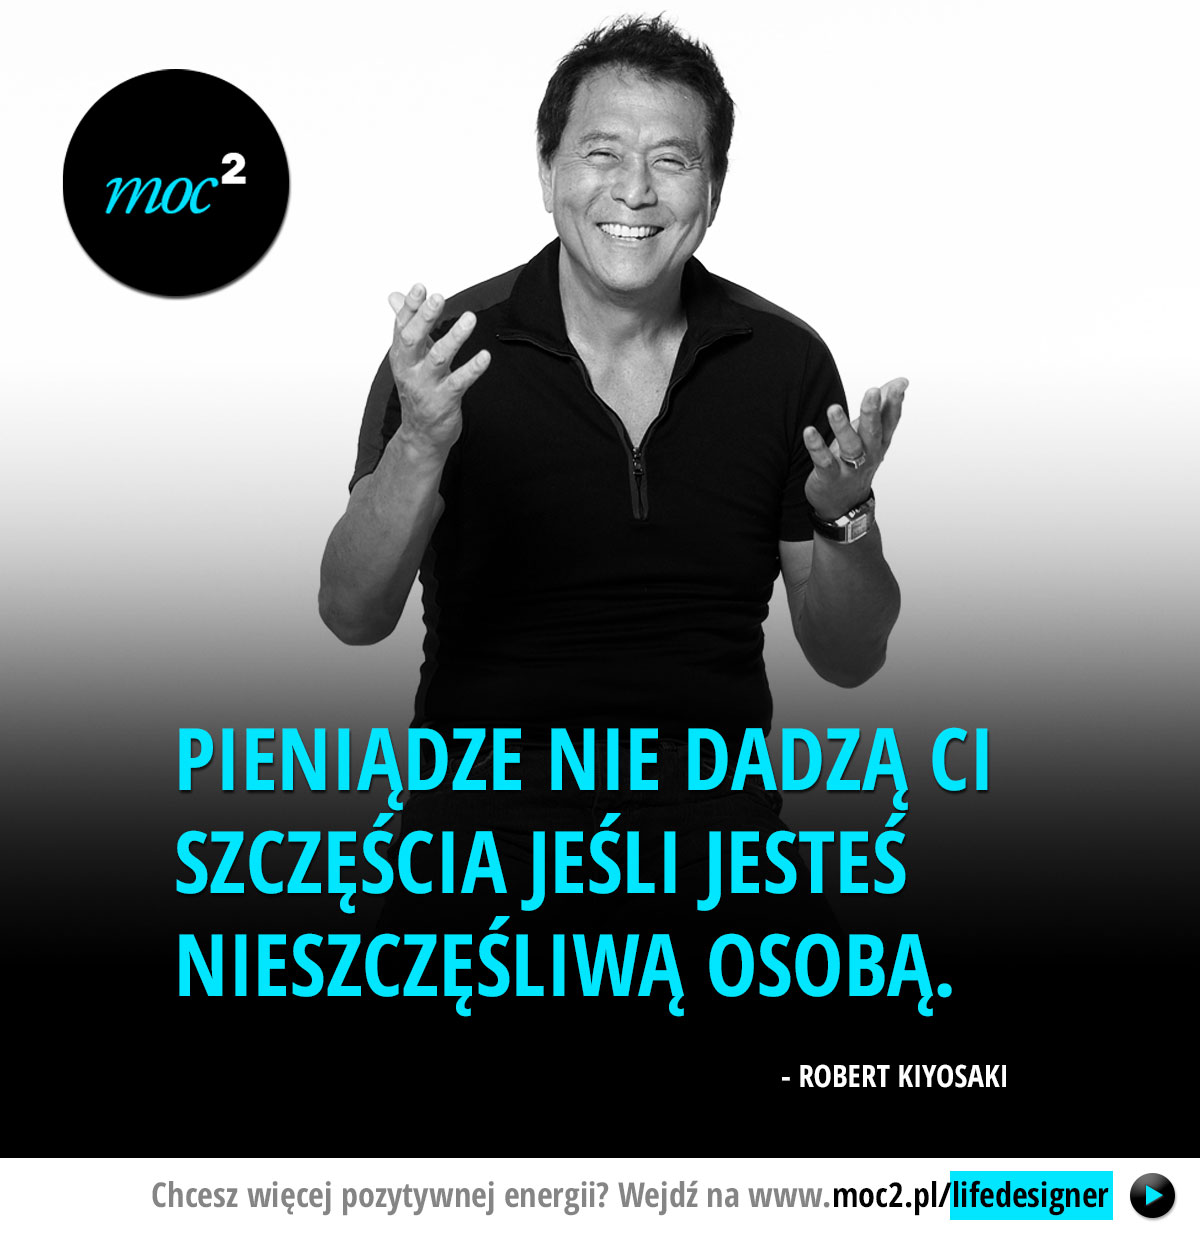 Pieniądze nie dadzą Ci szczęścia jeśli jesteś nieszczęśliwą osobą. - Robert Kiyosaki